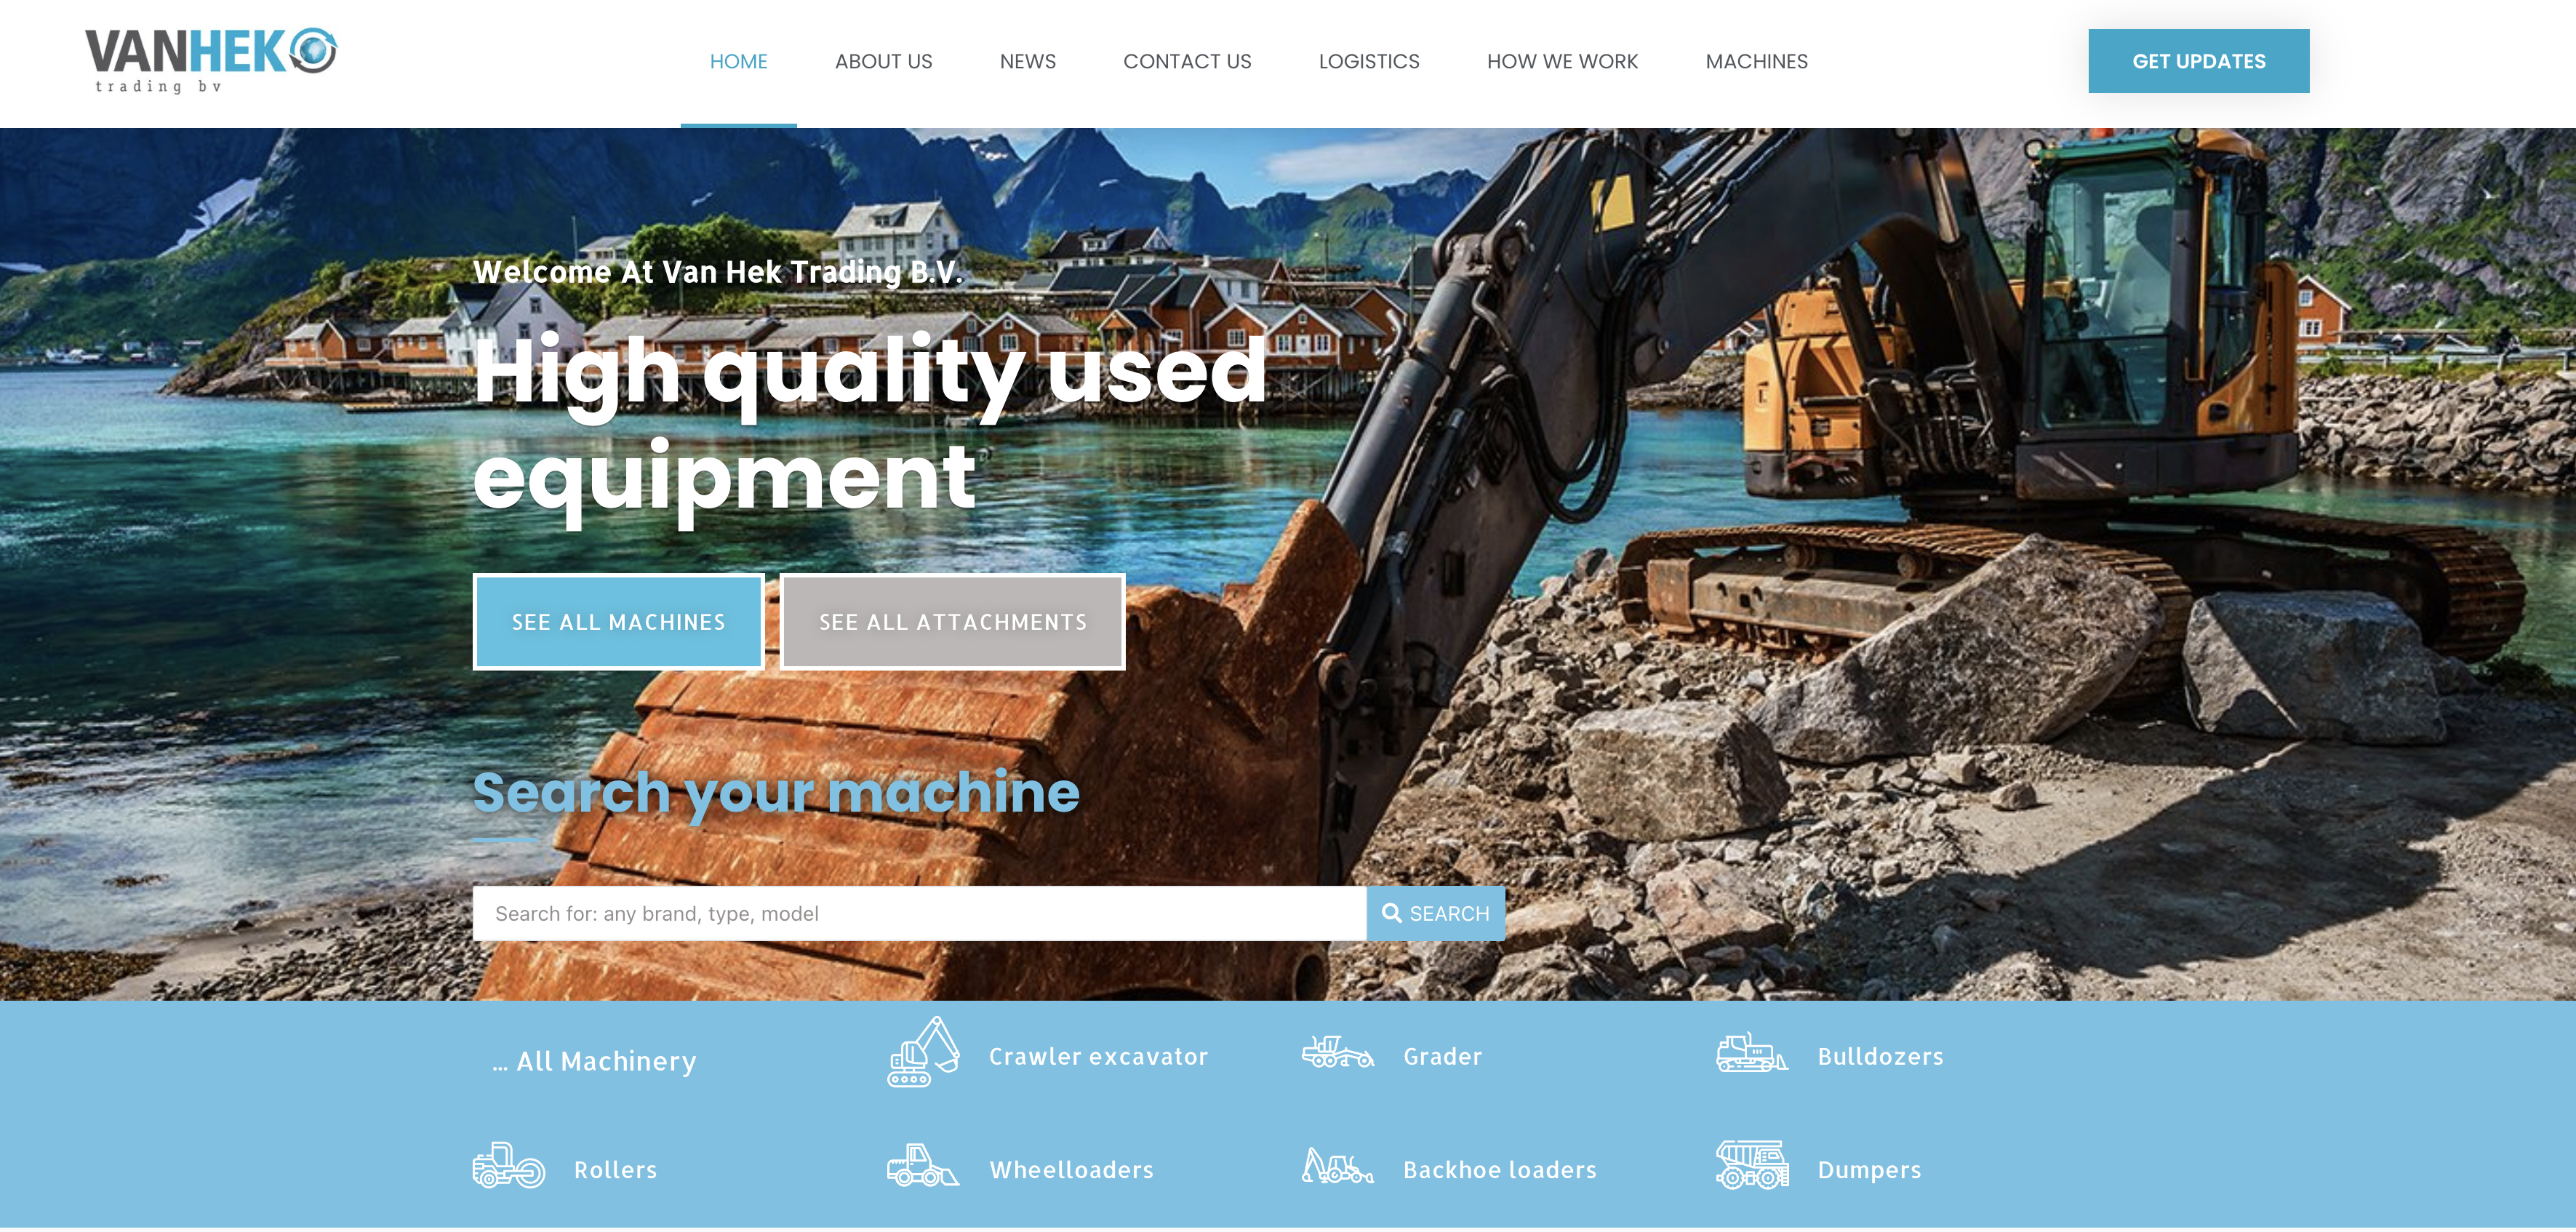 van-hek-trading-webdesign